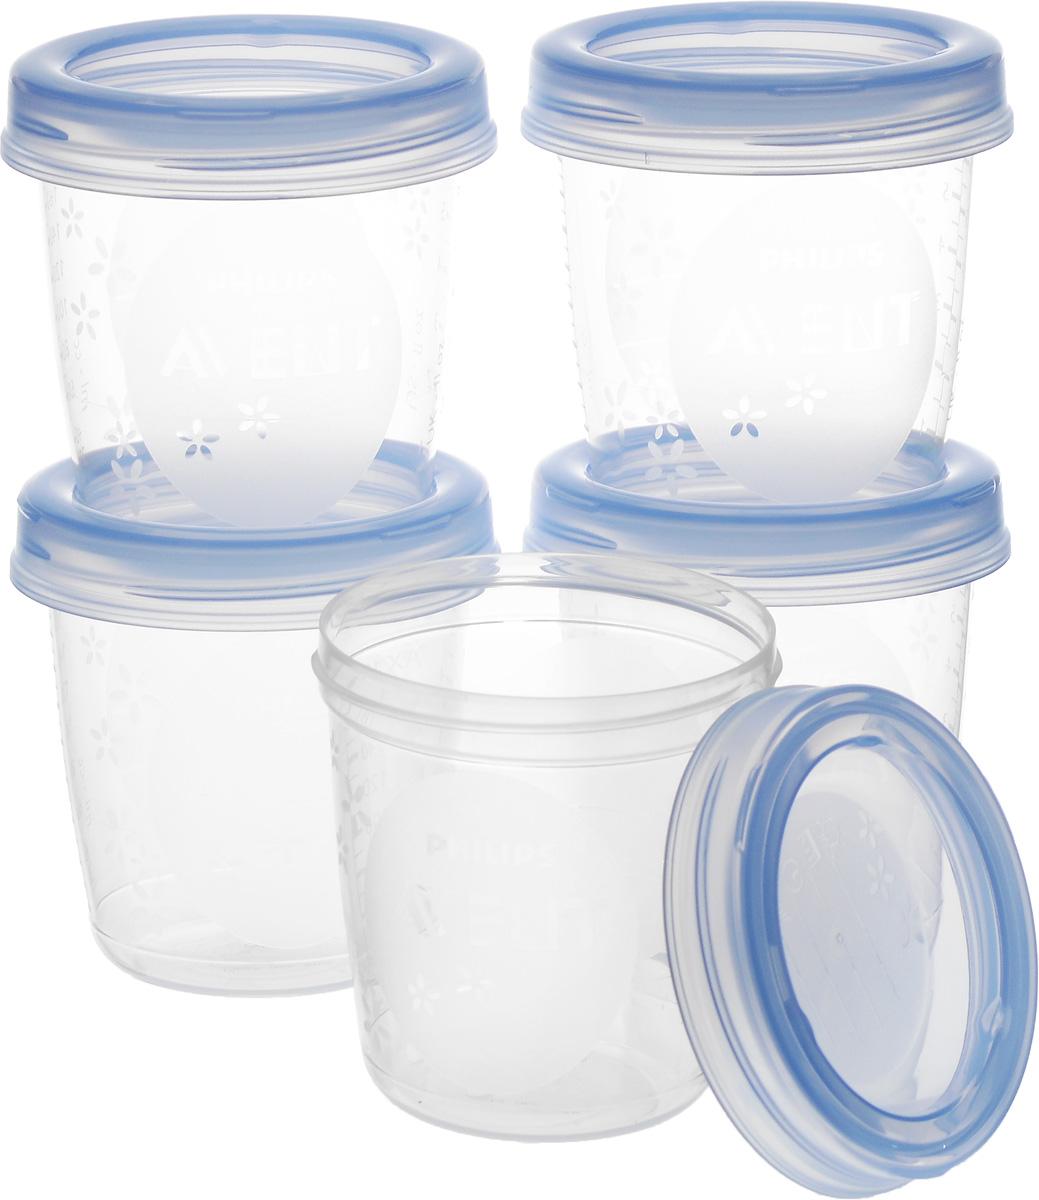 """Набор контейнеров для грудного молока c крышками """"Philips Avent"""" специально разработан для удовлетворения потребностей матери и ребенка. Процесс кормления проходит легко, а ваш ребенок не подвергается воздействию вредных веществ. Грудное молоко имеет огромное значение для развития вашего малыша. Если вы обращаетесь с молоком осторожно, оно сохраняет все природные витамины и питательные вещества, необходимые для ребенка. Именно поэтому так важно подобрать правильный контейнер для хранения вашего молока. Набор включает 5 контейнеров объемом по 180 мл. На контейнерах и крышках можно писать даты, когда молоко было упаковано. Изделия не содержат бисфенол А, изготовлены из безопасного полипропилена."""